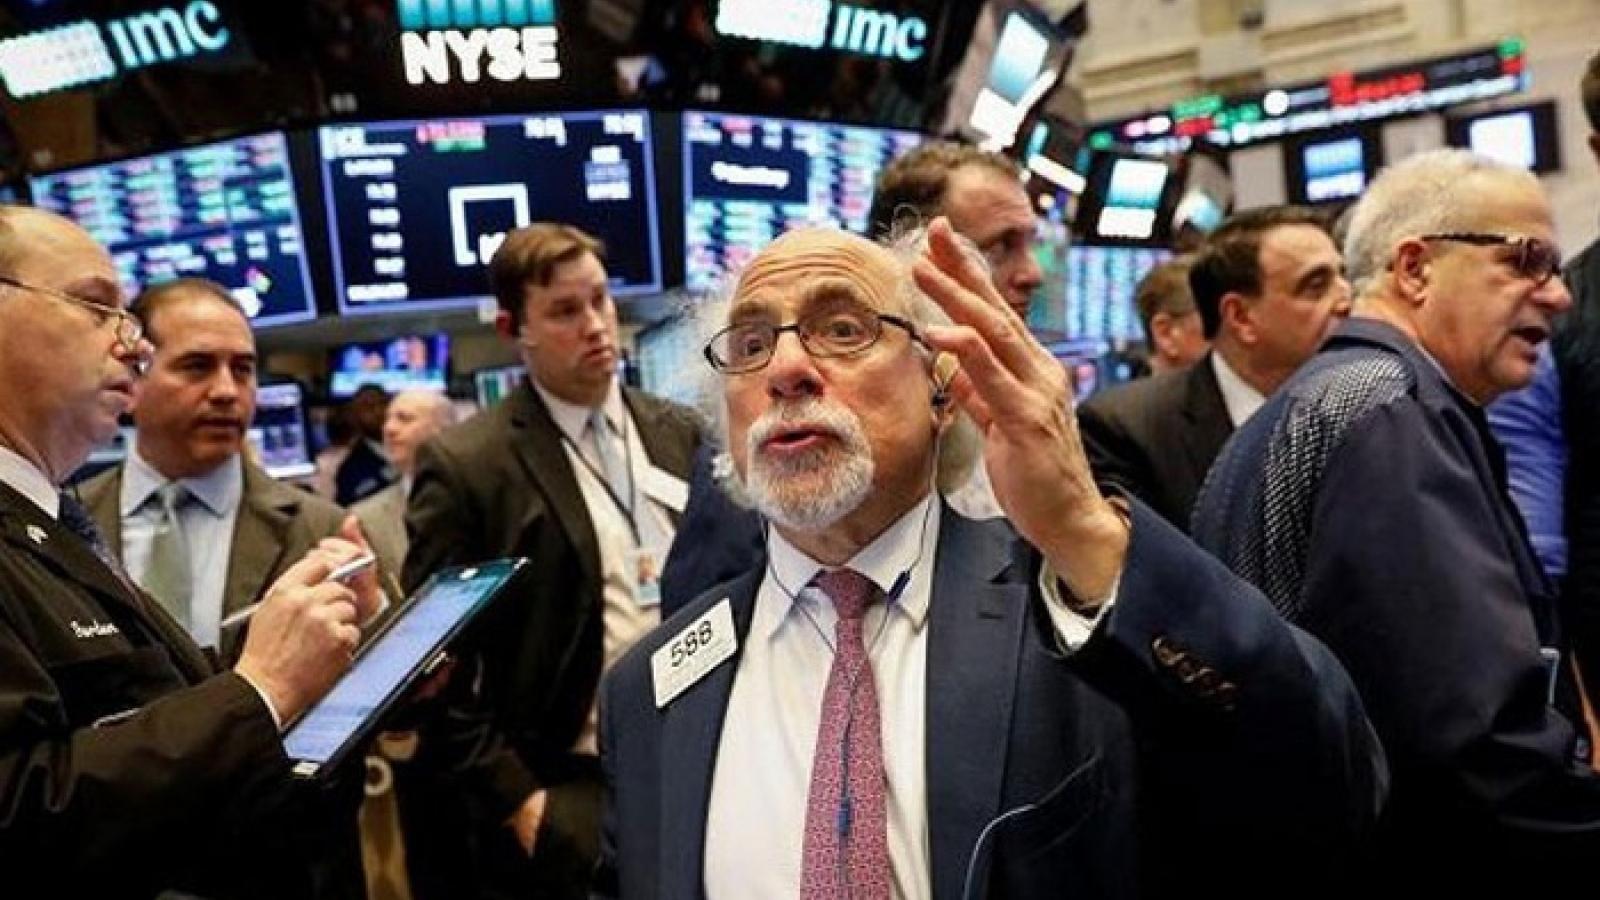 Thị trường chứng khoán Mỹ tăng điểm trước ngày Bầu cử